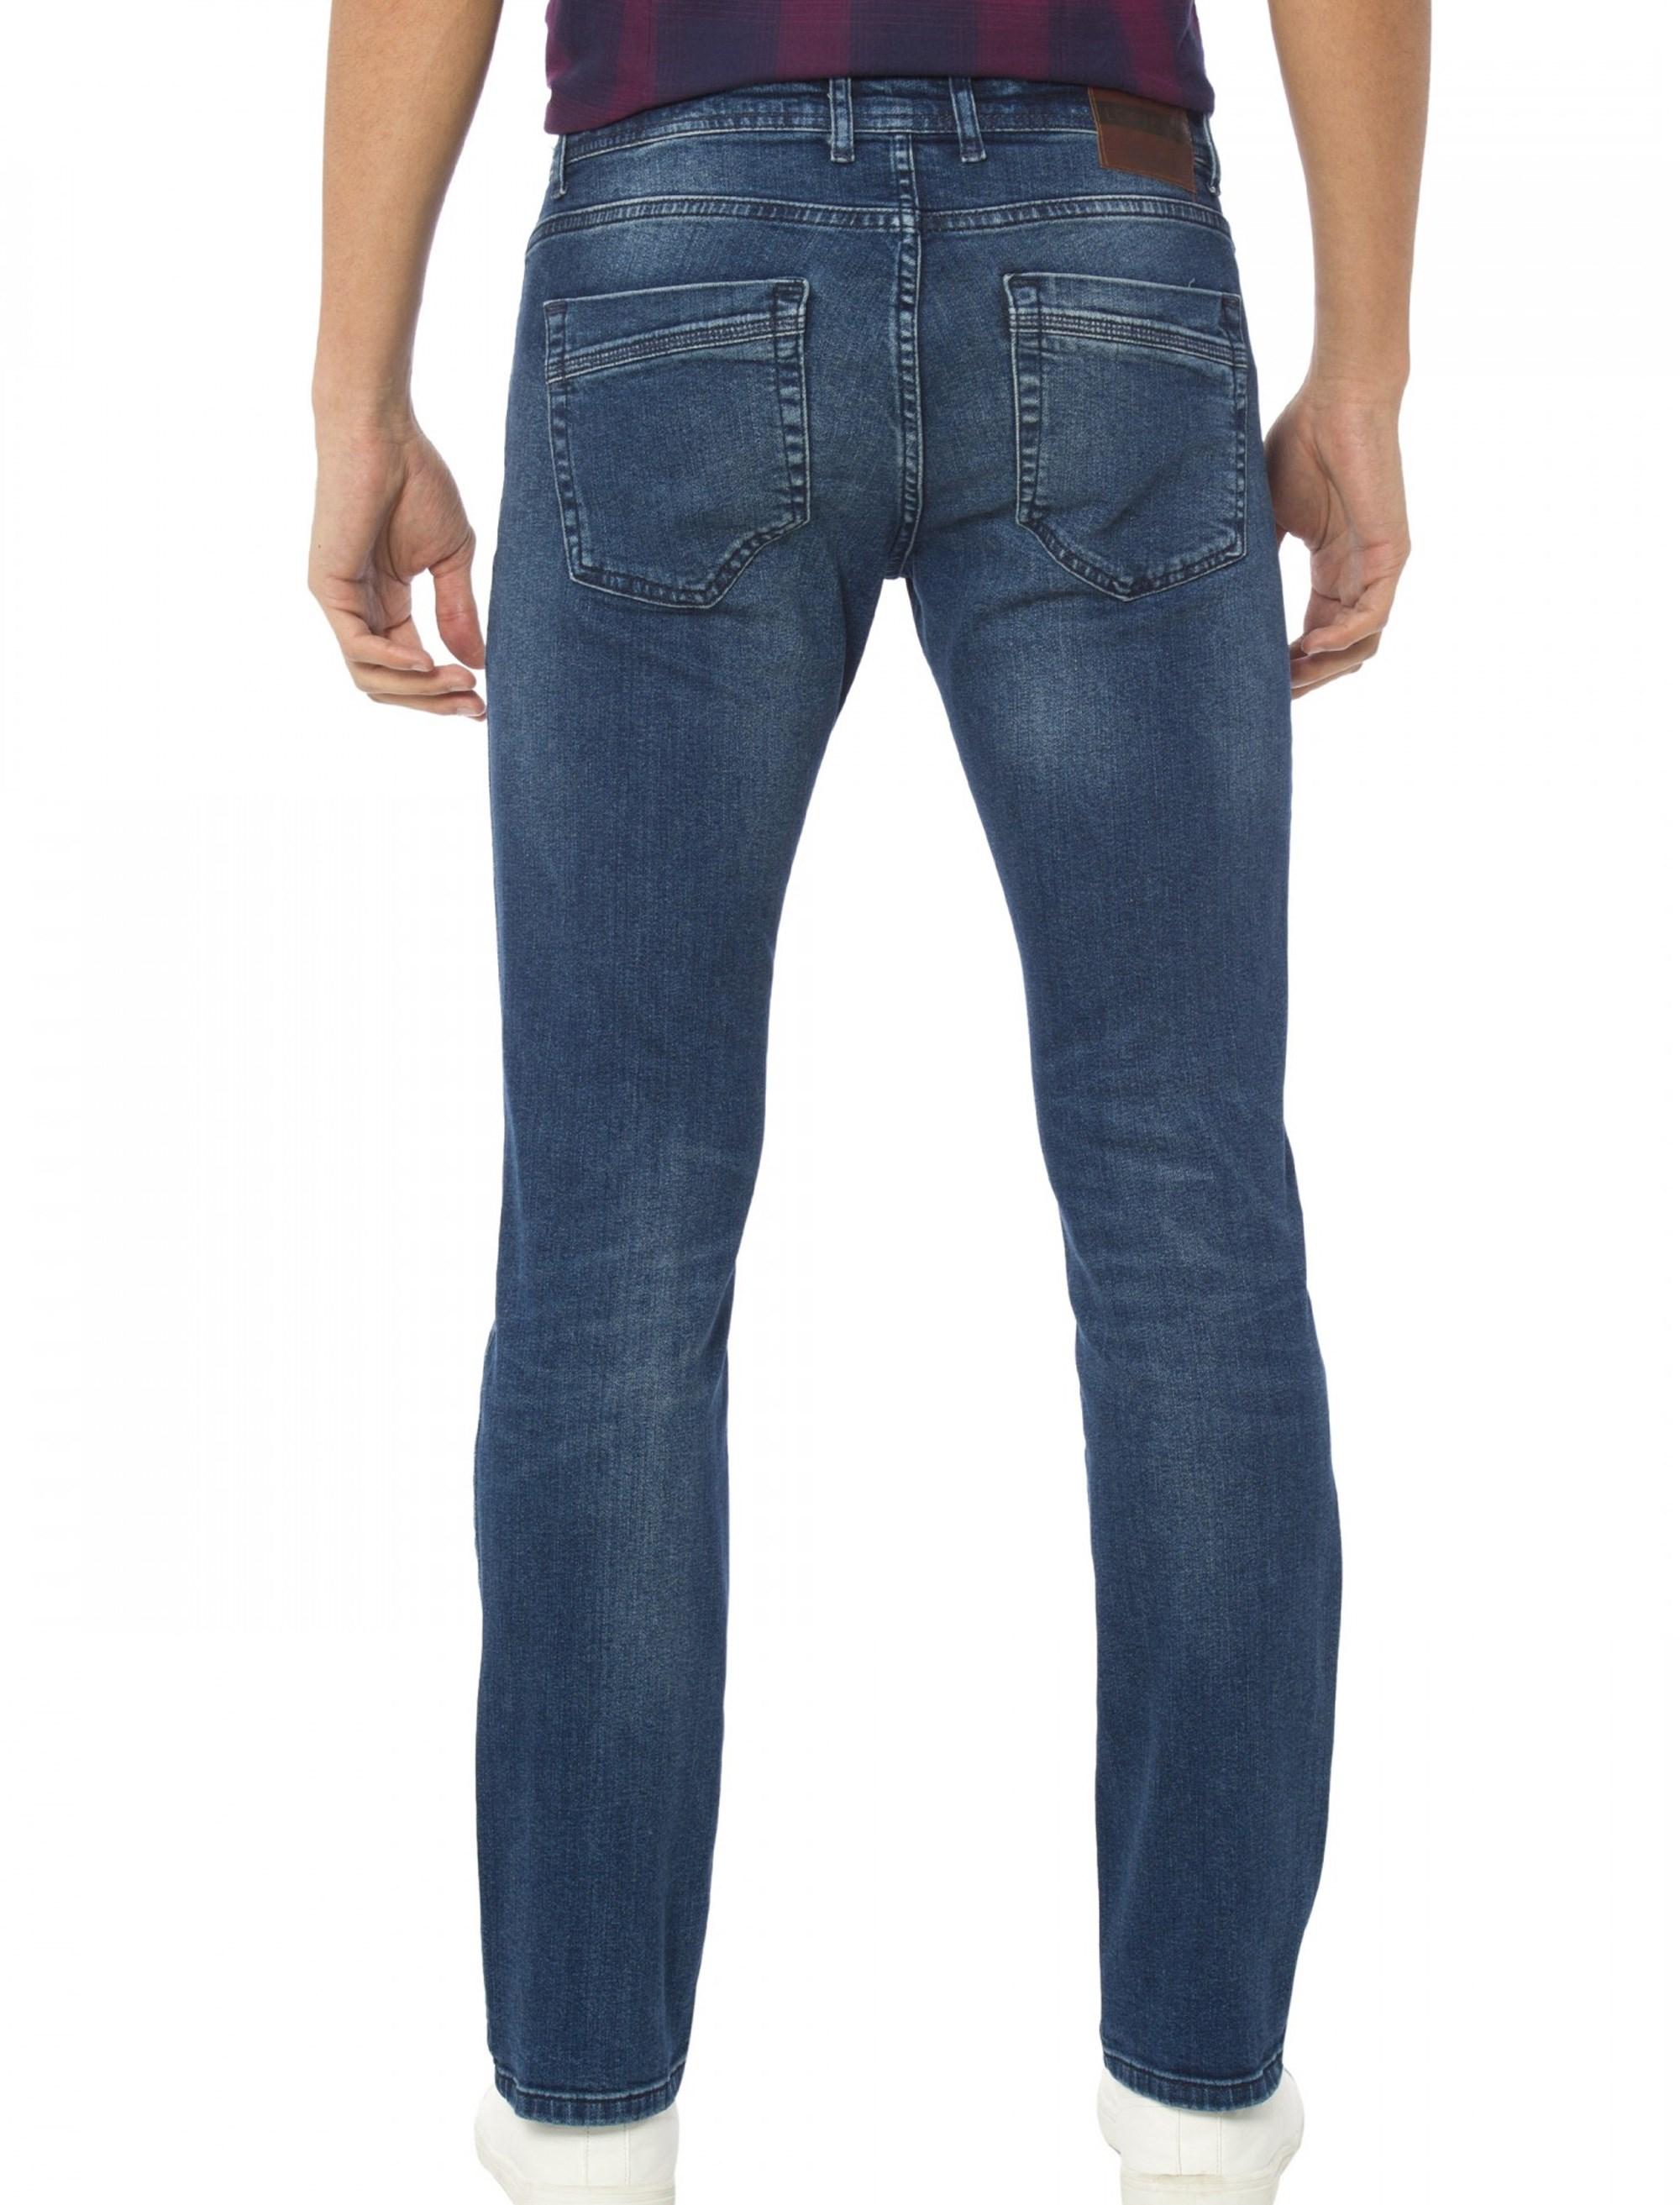 شلوار جین راسته مردانه - آبي - 2